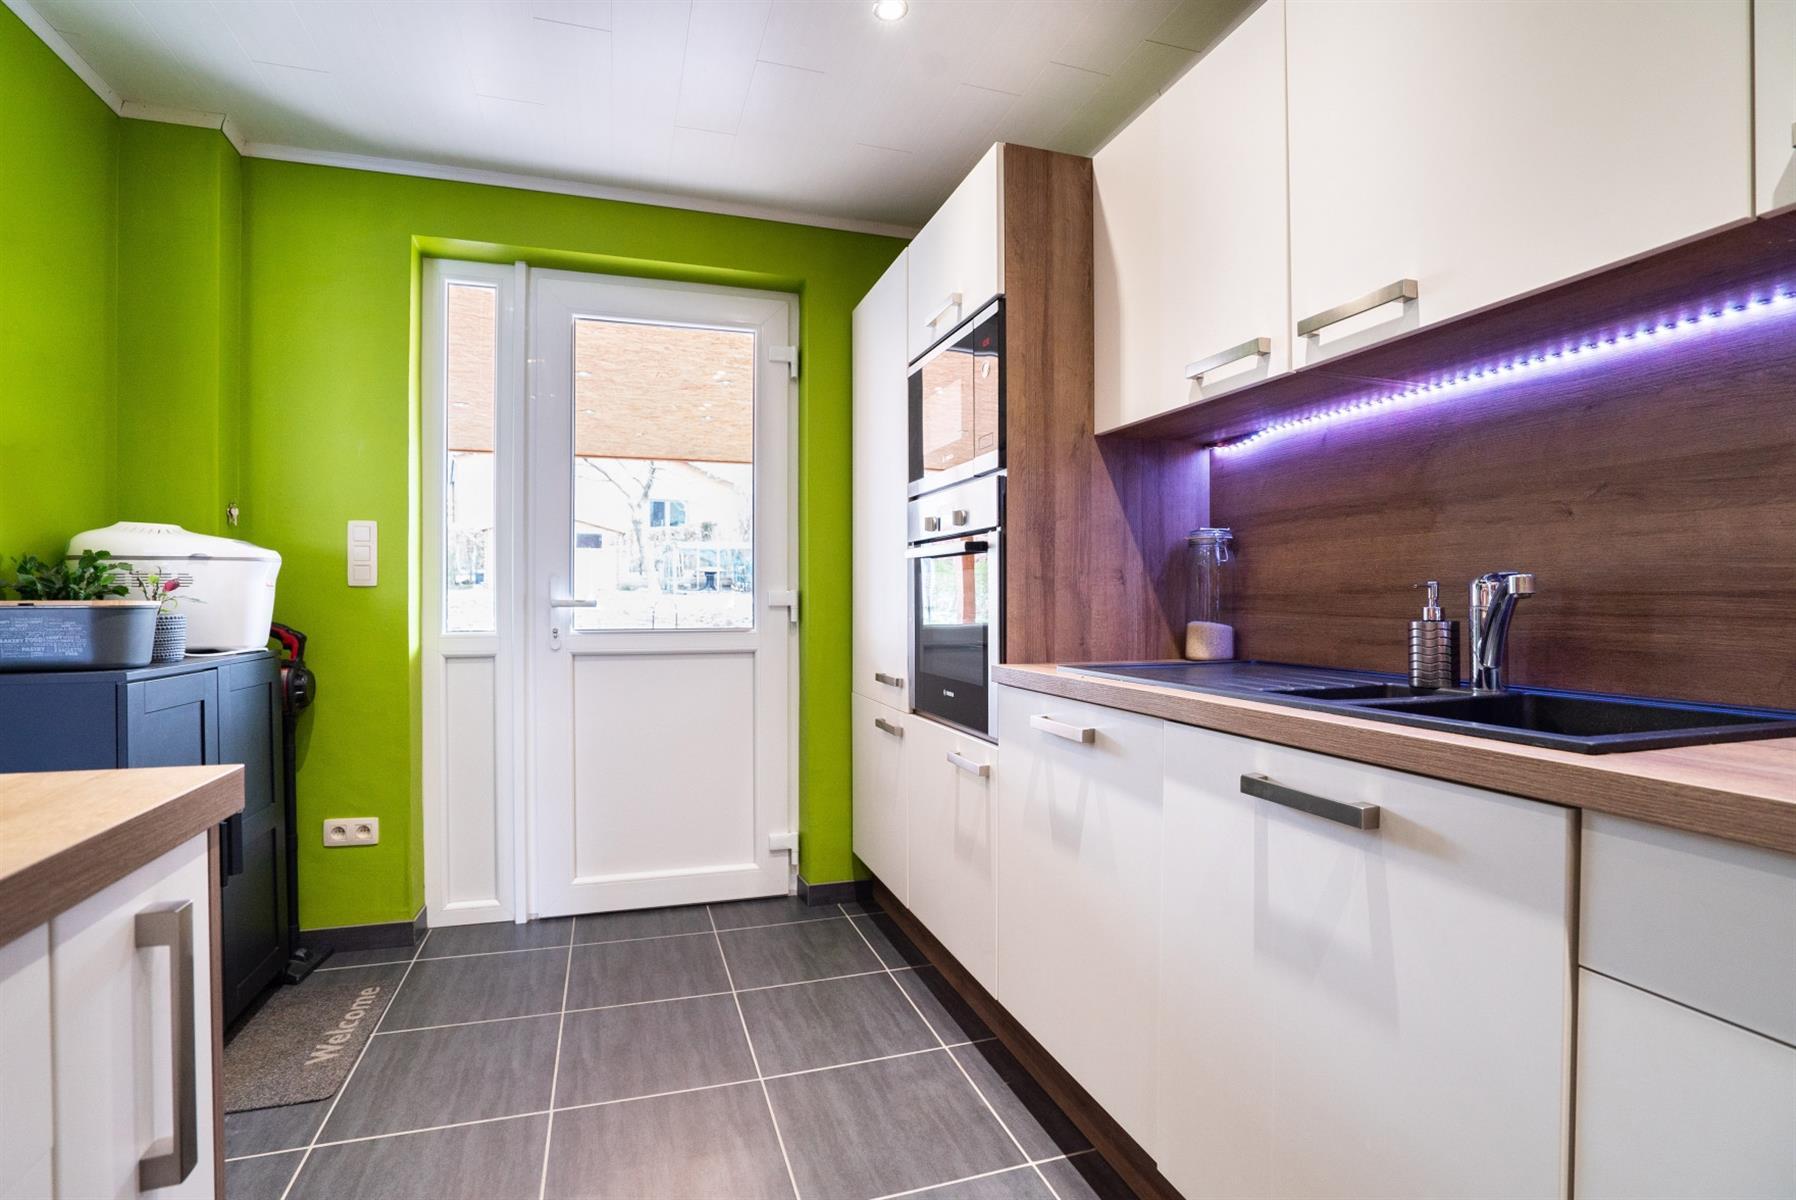 Maison - Verviers - #4321260-8